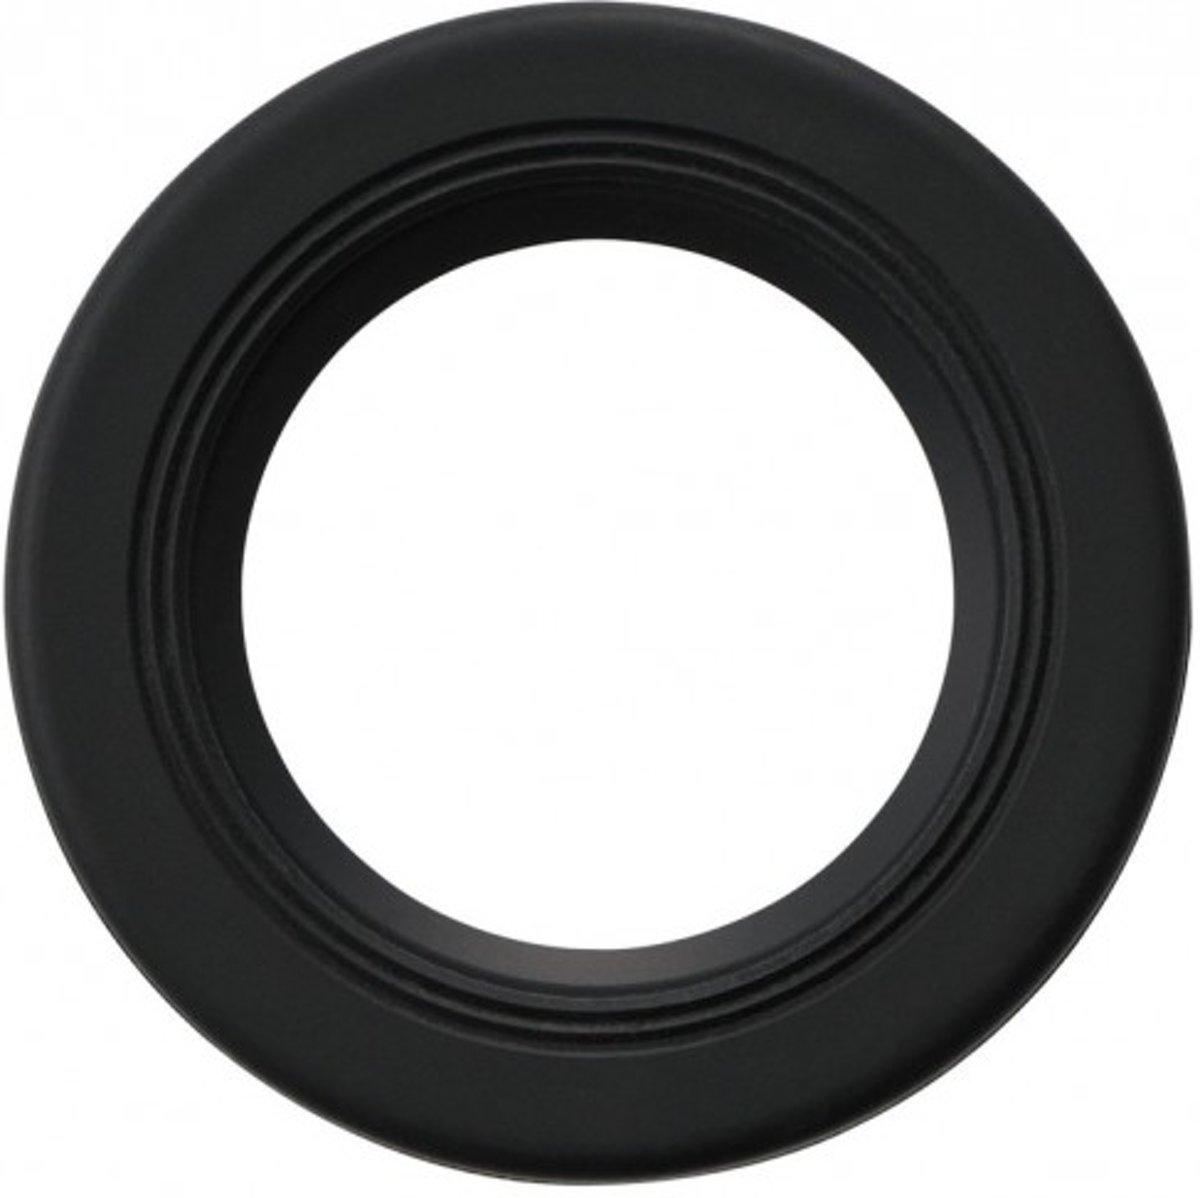 Oogschelp DK-17 voor o.a. Nikon D3, D4, D5, D700, D800 & D810 kopen